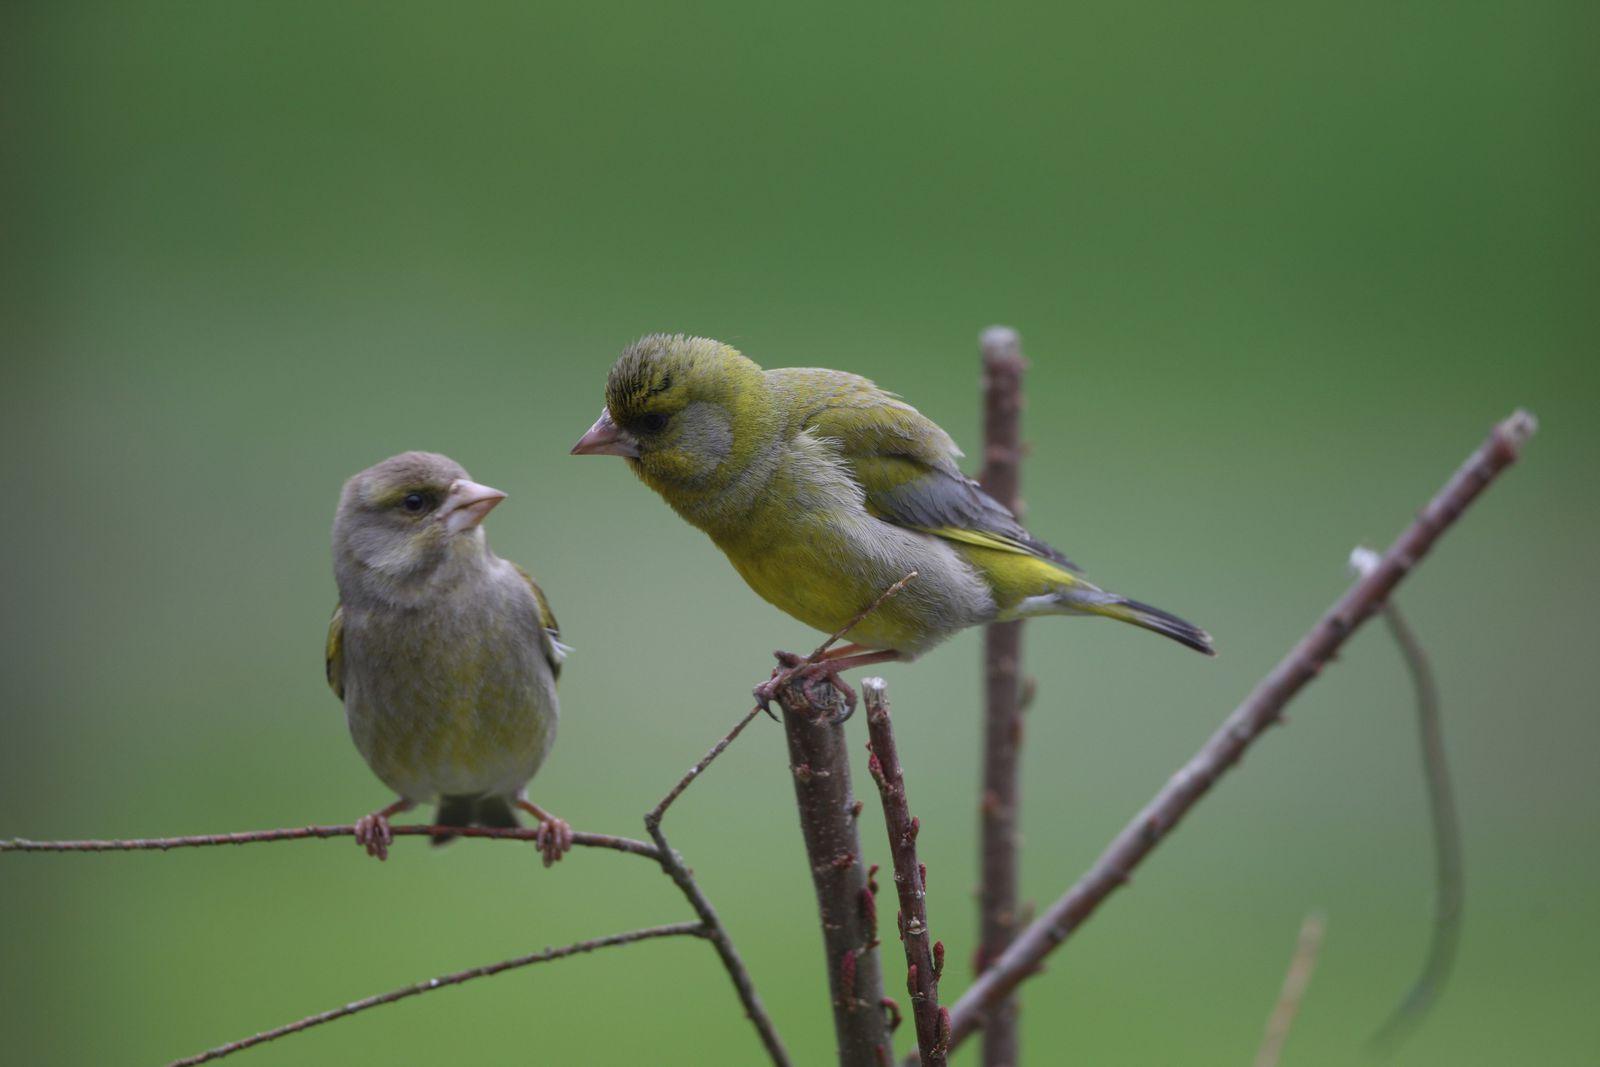 Verdiers en couple mâle femelle photo d'oiseaux de Picardie Thiérache ardennaise Benoit Henrion